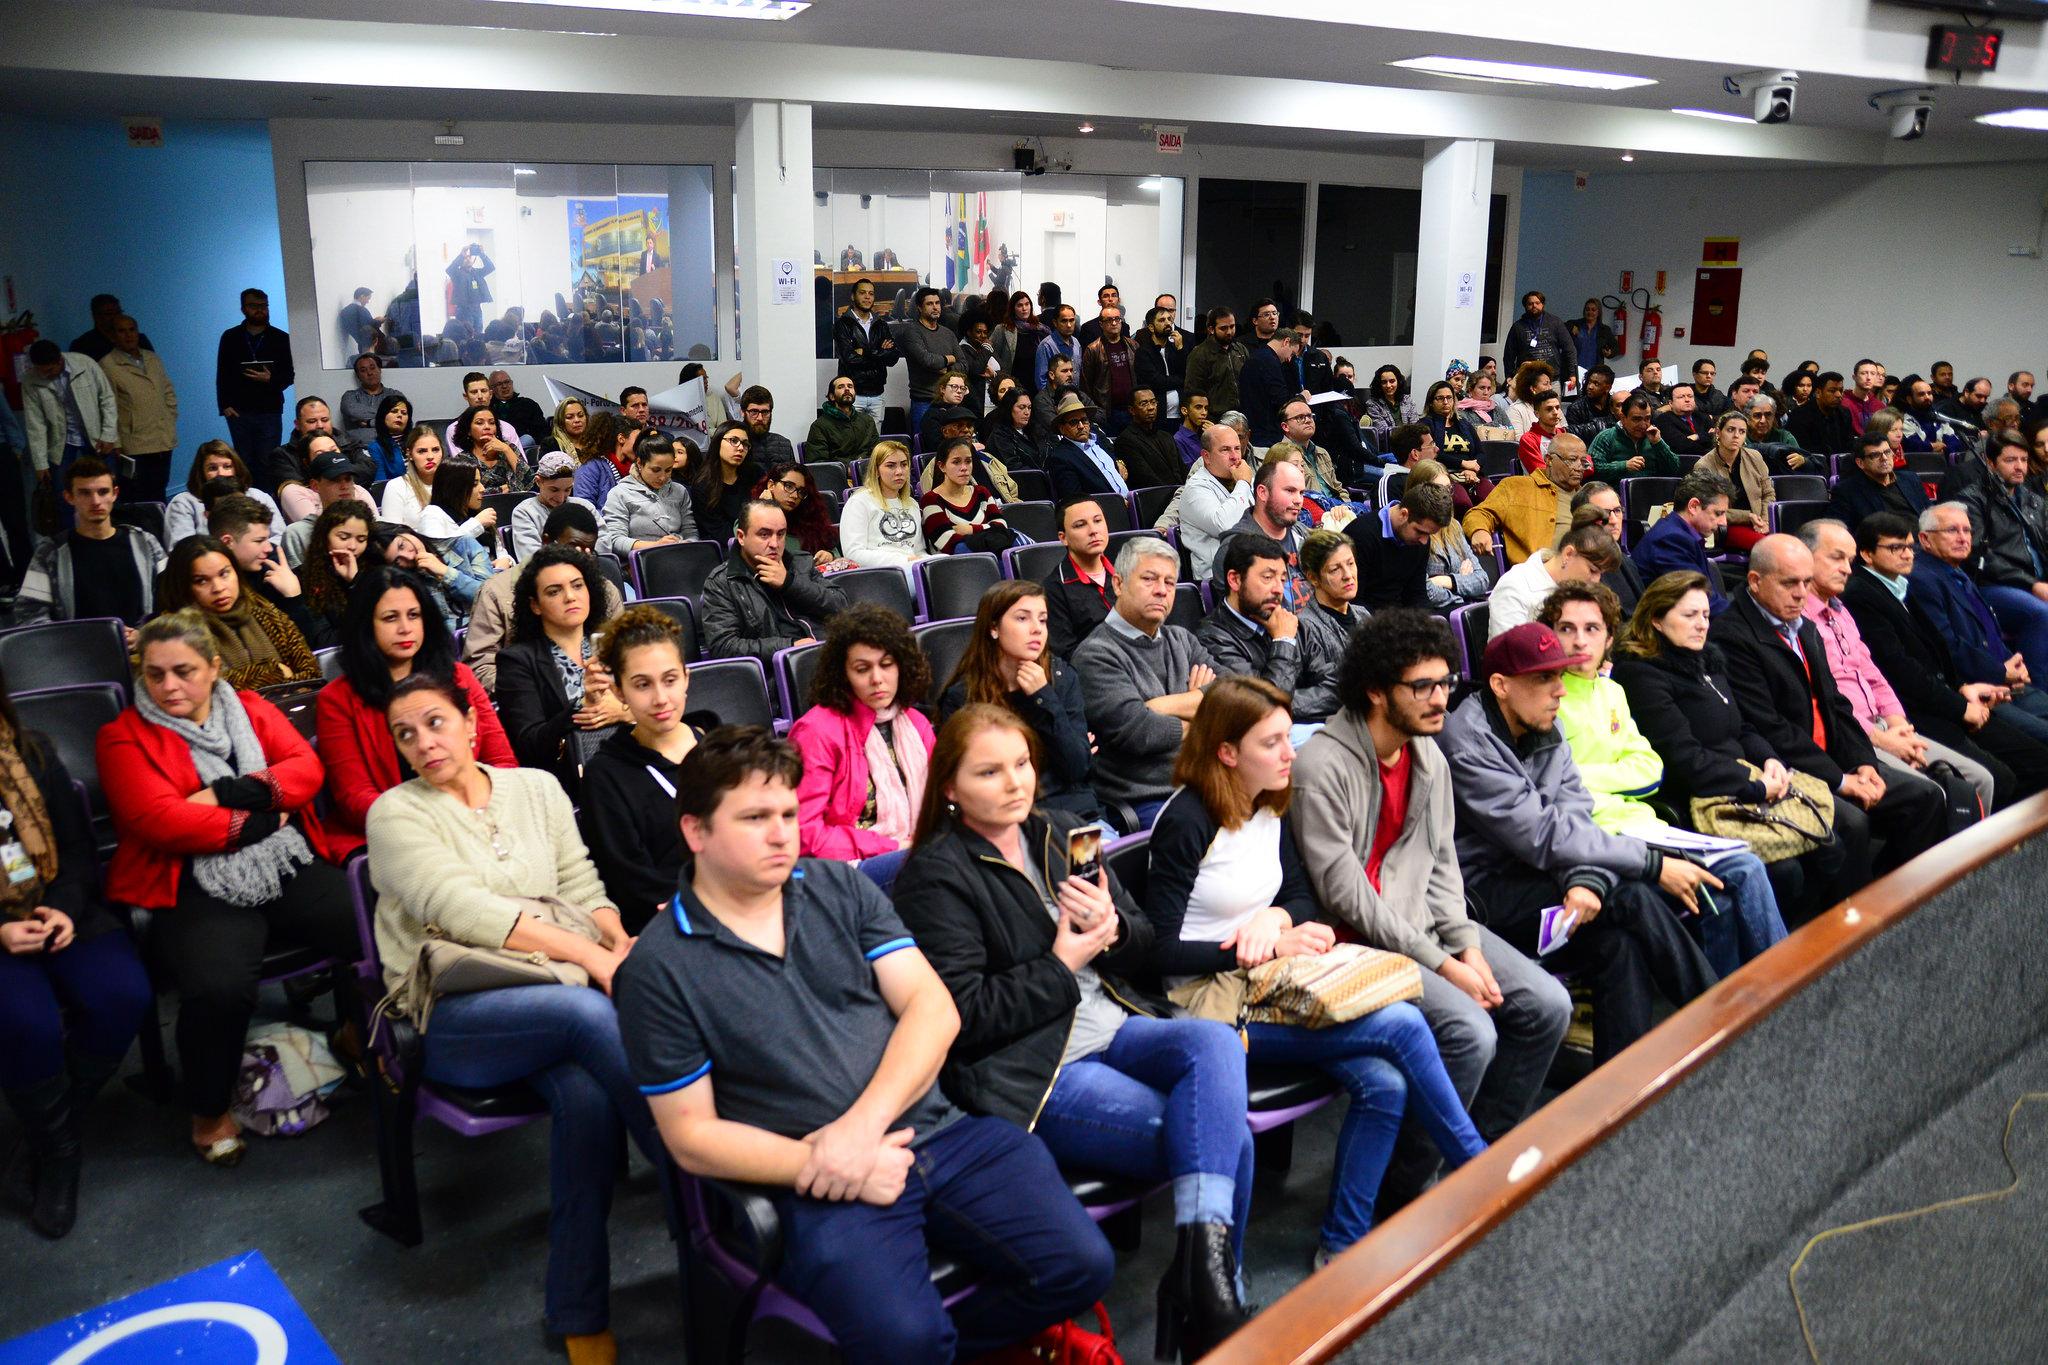 Câmara ficou cheia e para o presidente da audiência, vereador Maurício Peixer, discussão deu empate   Foto Nilson Bastian/CVJ